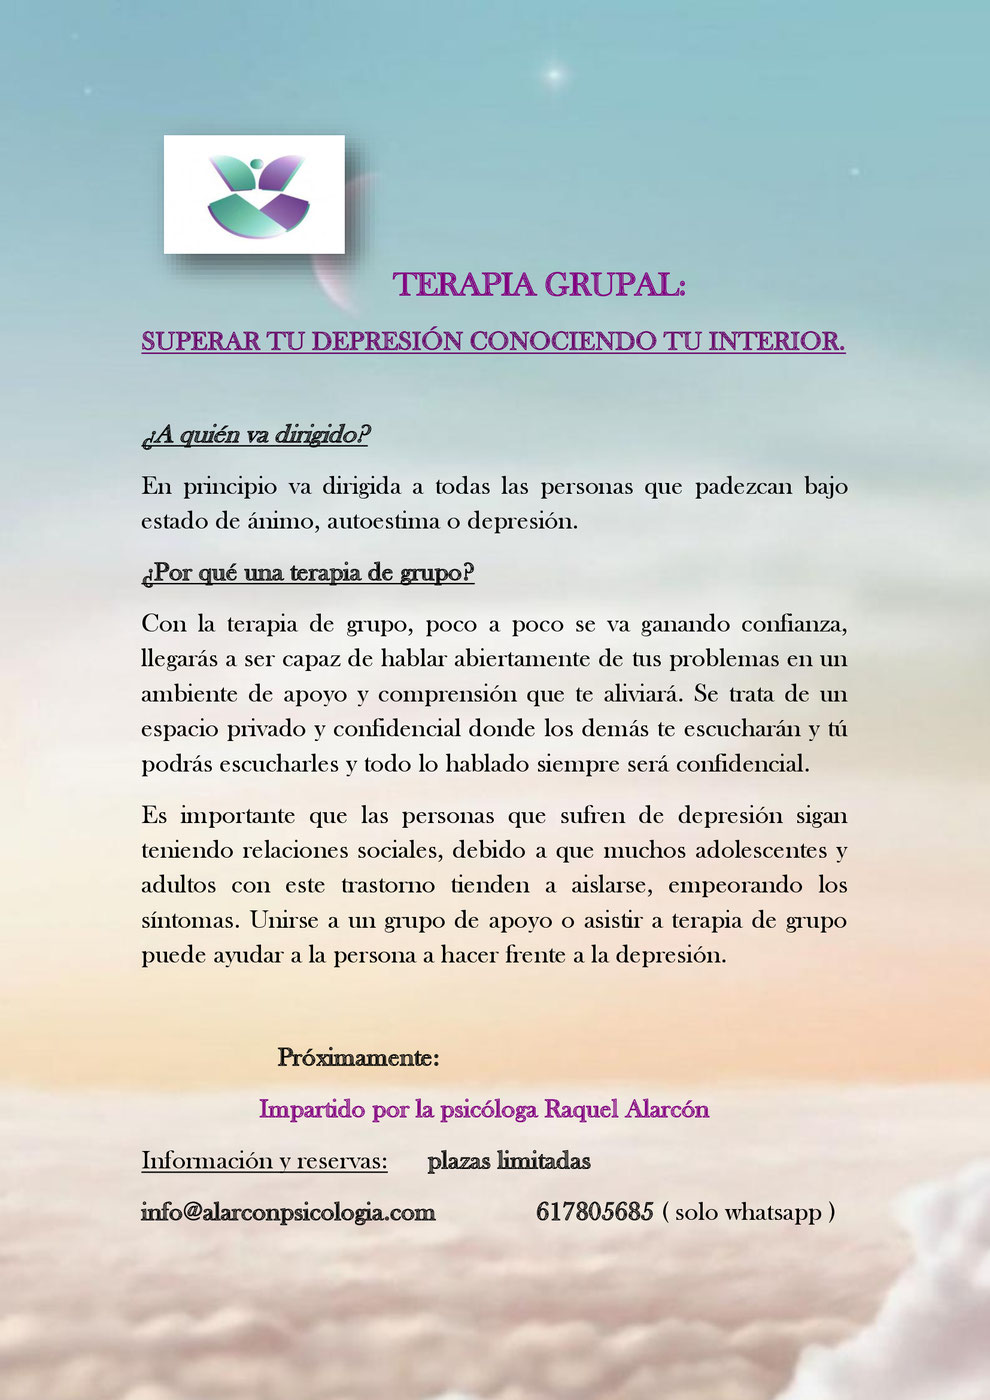 Entre todos podremos resolver dudas y conseguir un mayor bienestar personal con psicólogos en Murcia